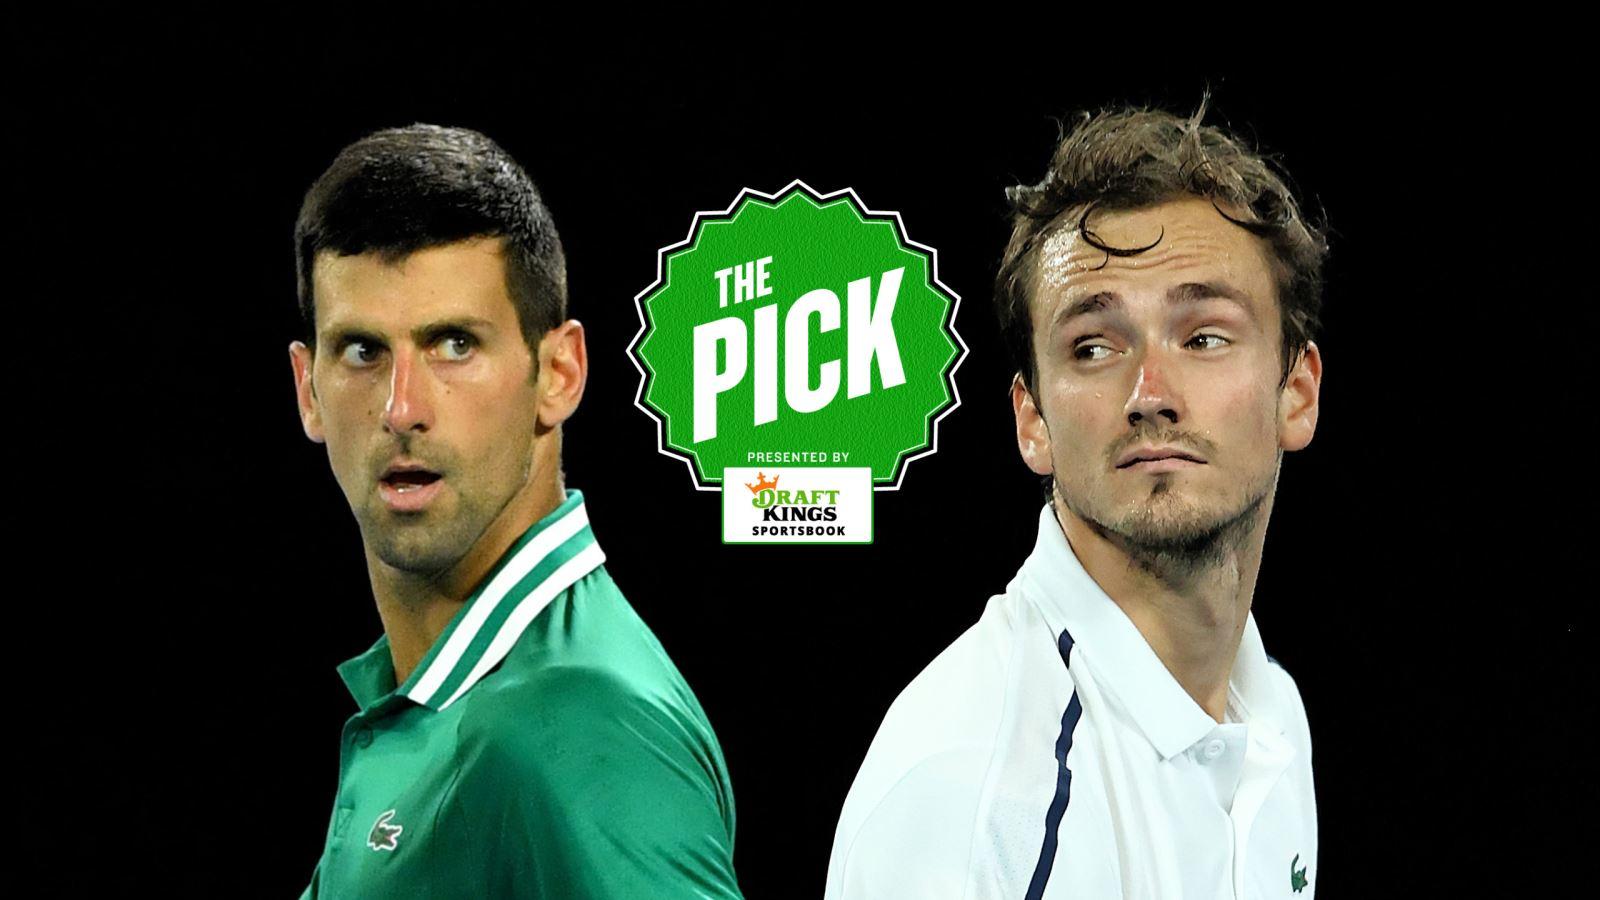 Xem trực tiếp tennis: Djokovic-Medvedev. TTTV, FOX Sports trực tiếp Úc mở rộng